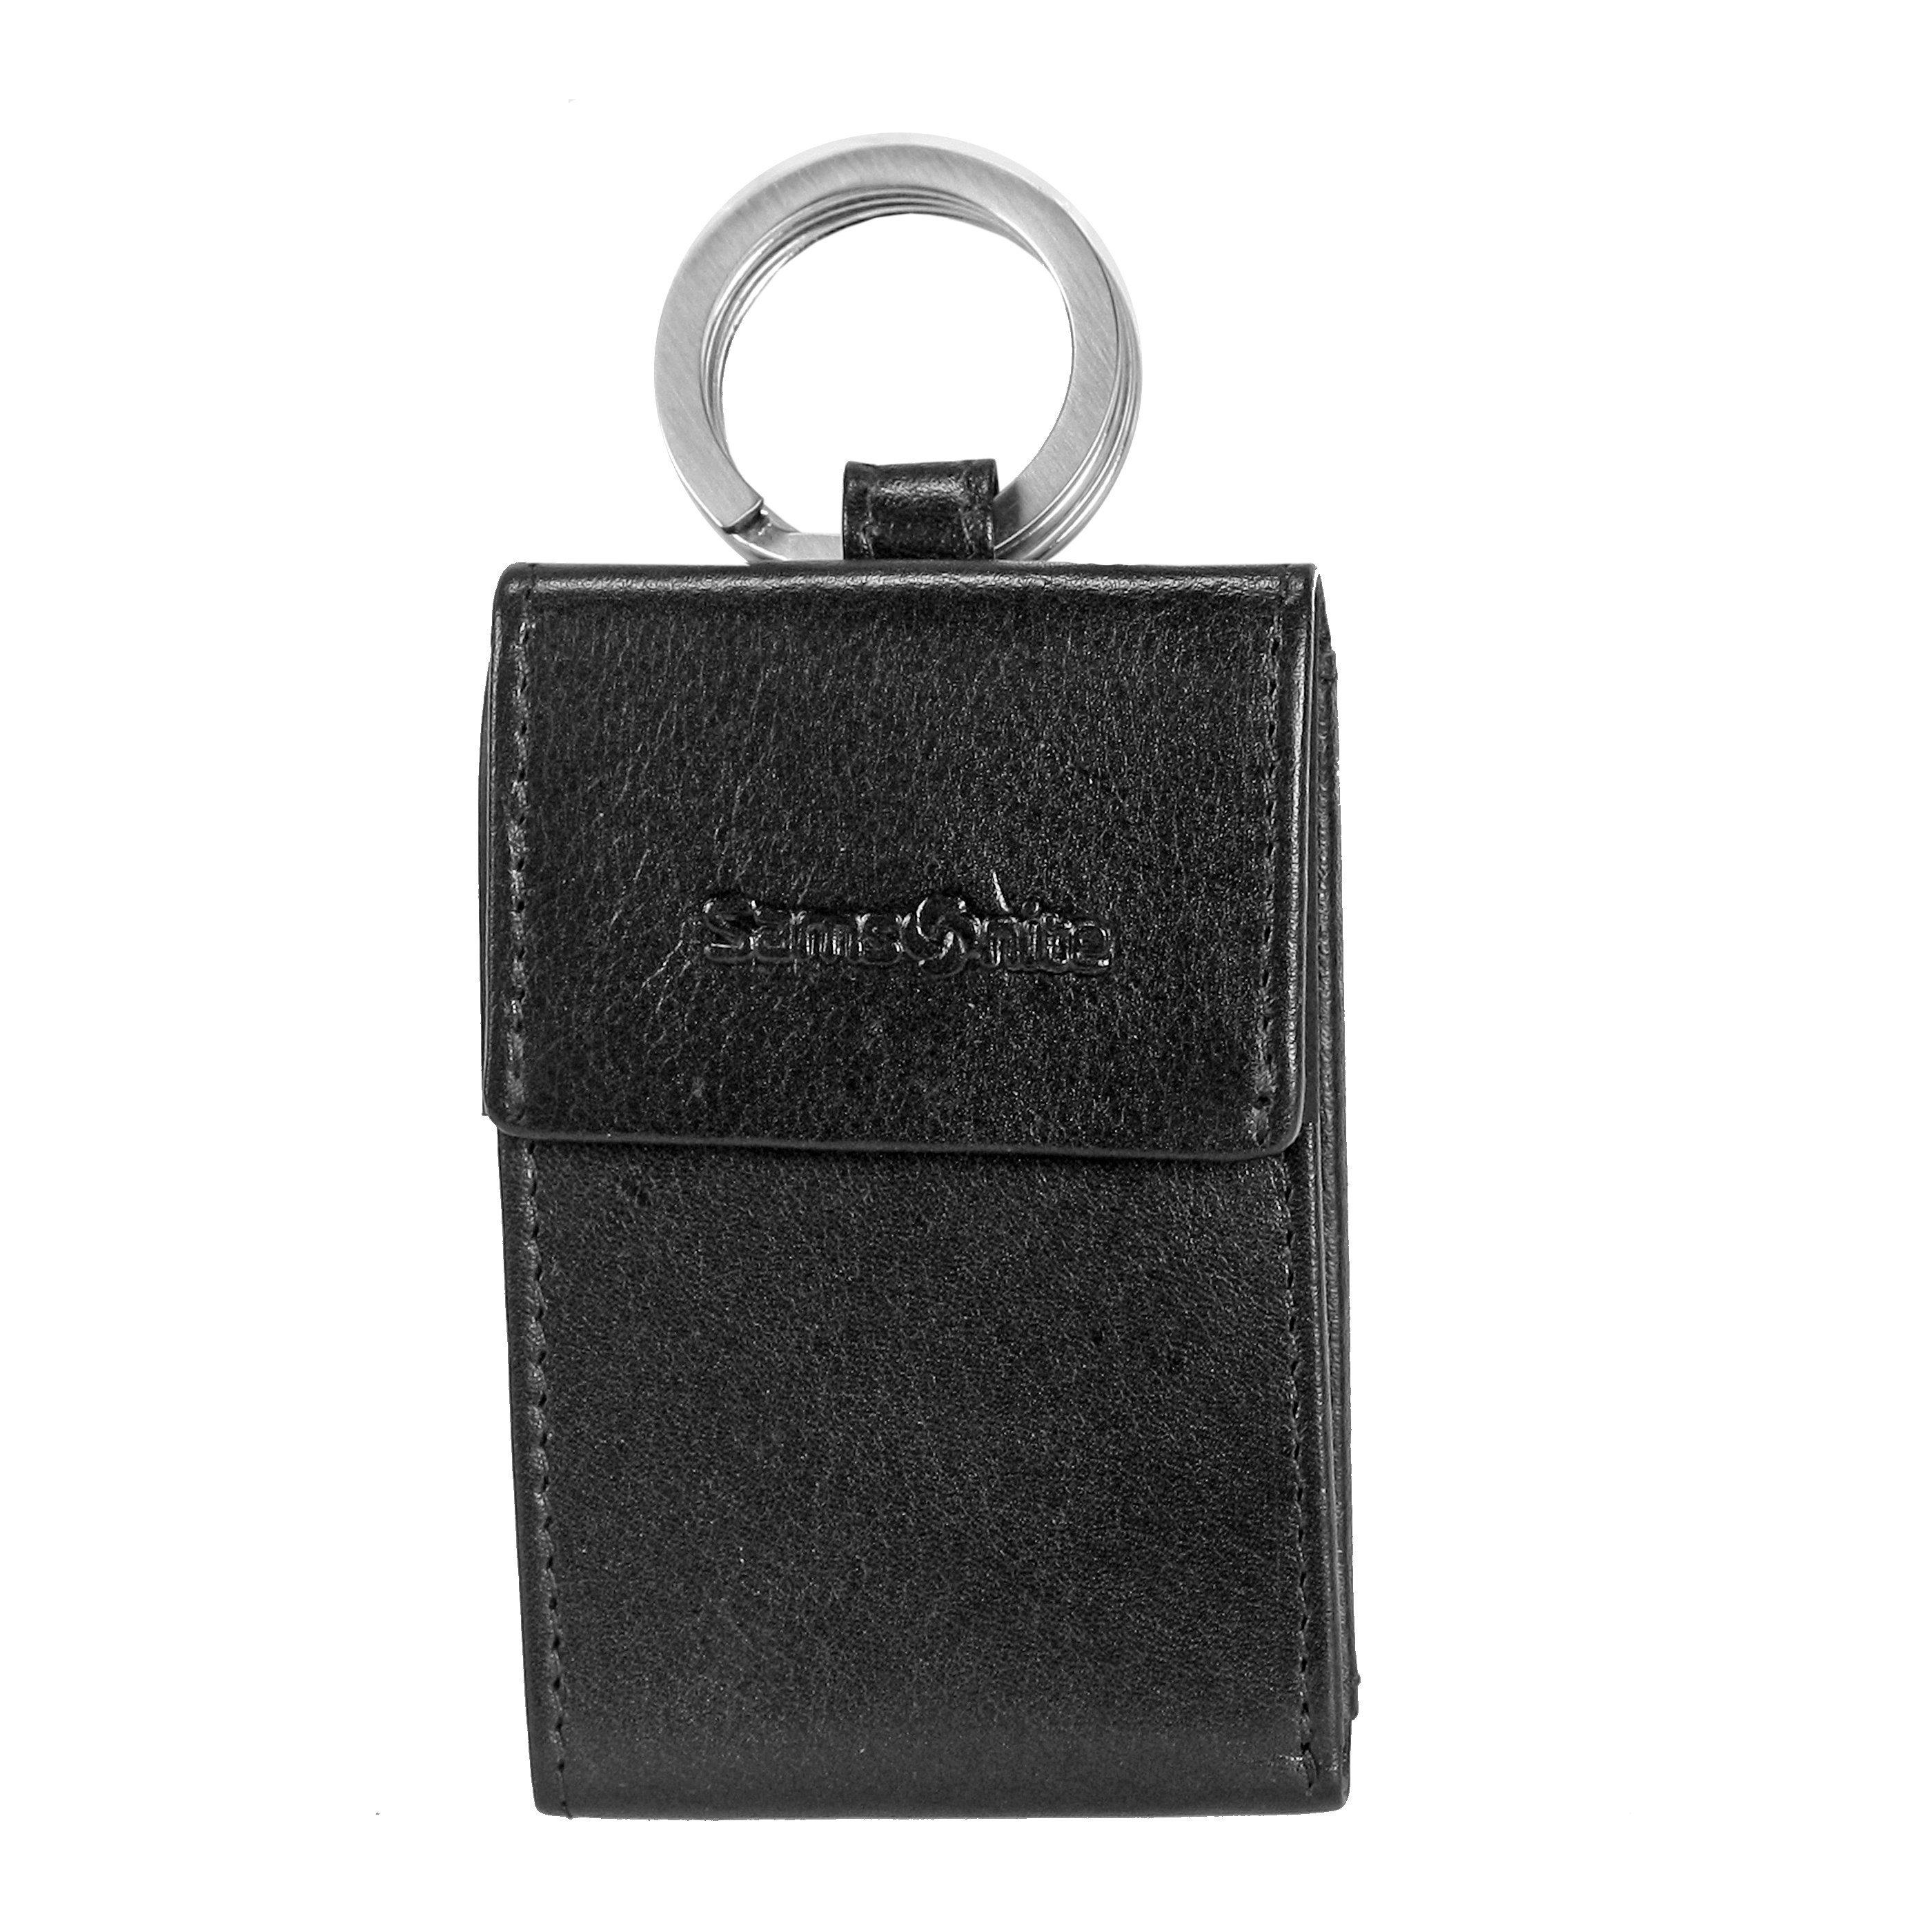 Samsonite Samsonite Success SLG Schlüsseltasche Minibörse Leder 9 cm